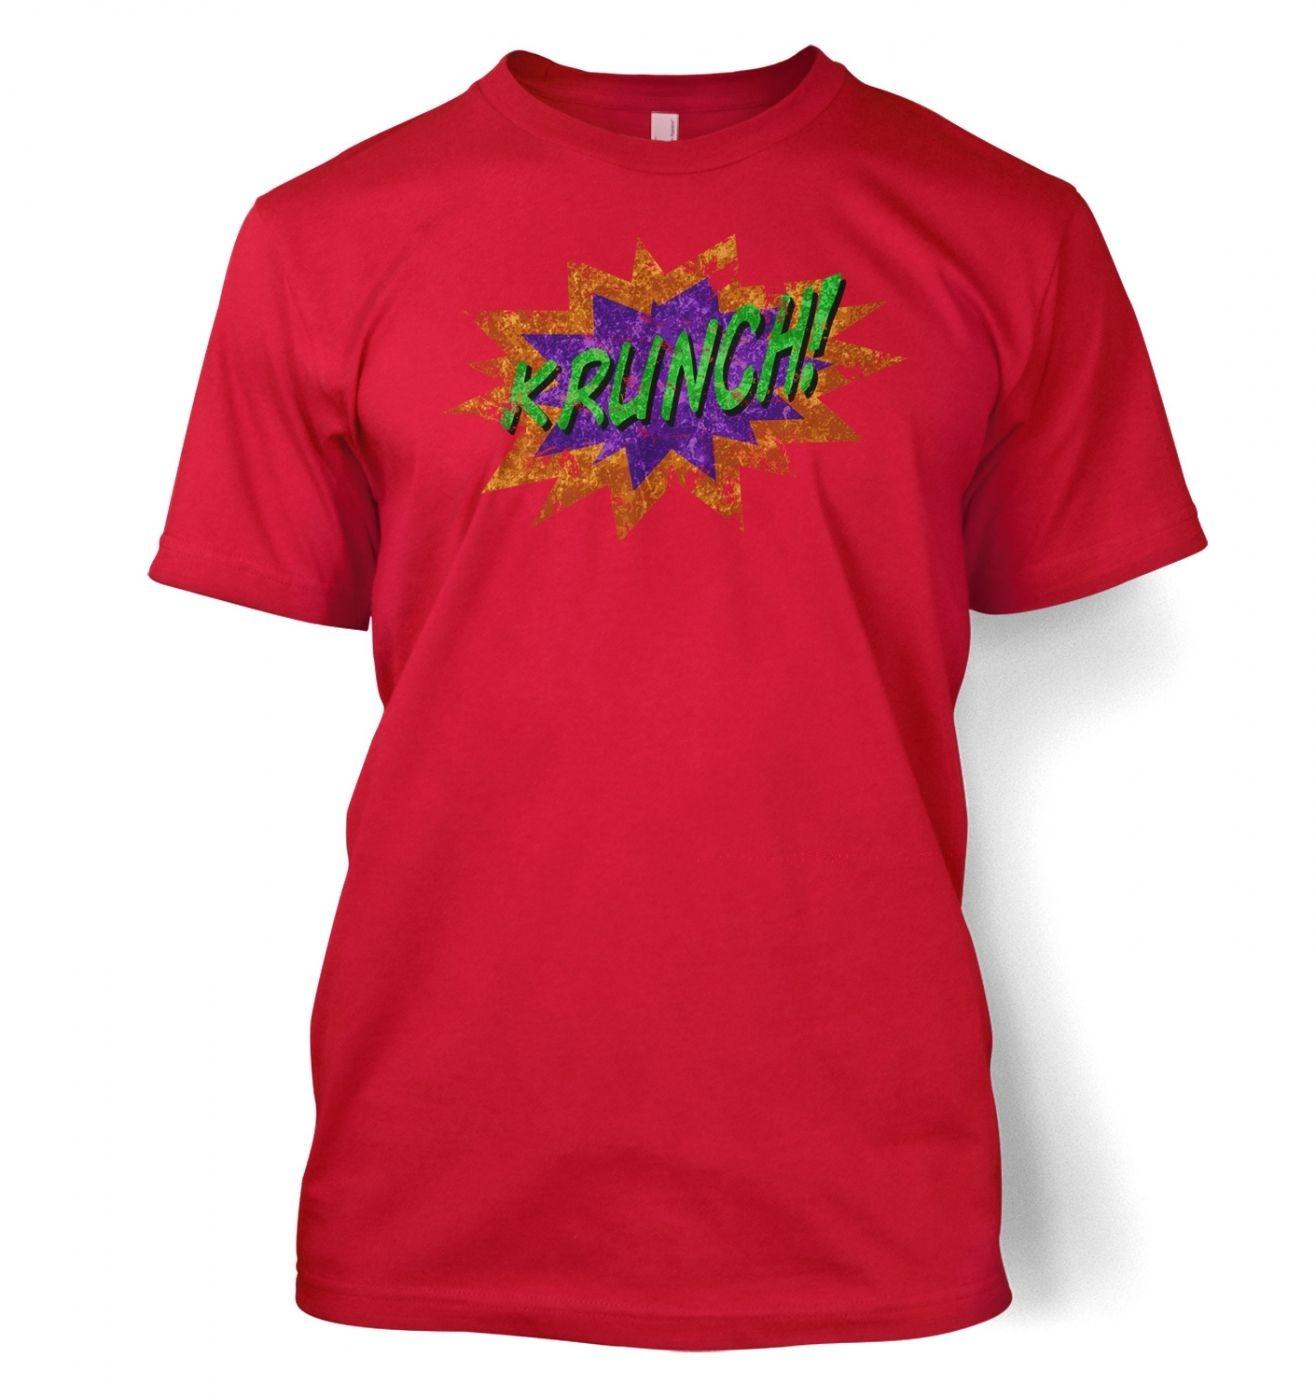 Krunch men's t-shirt